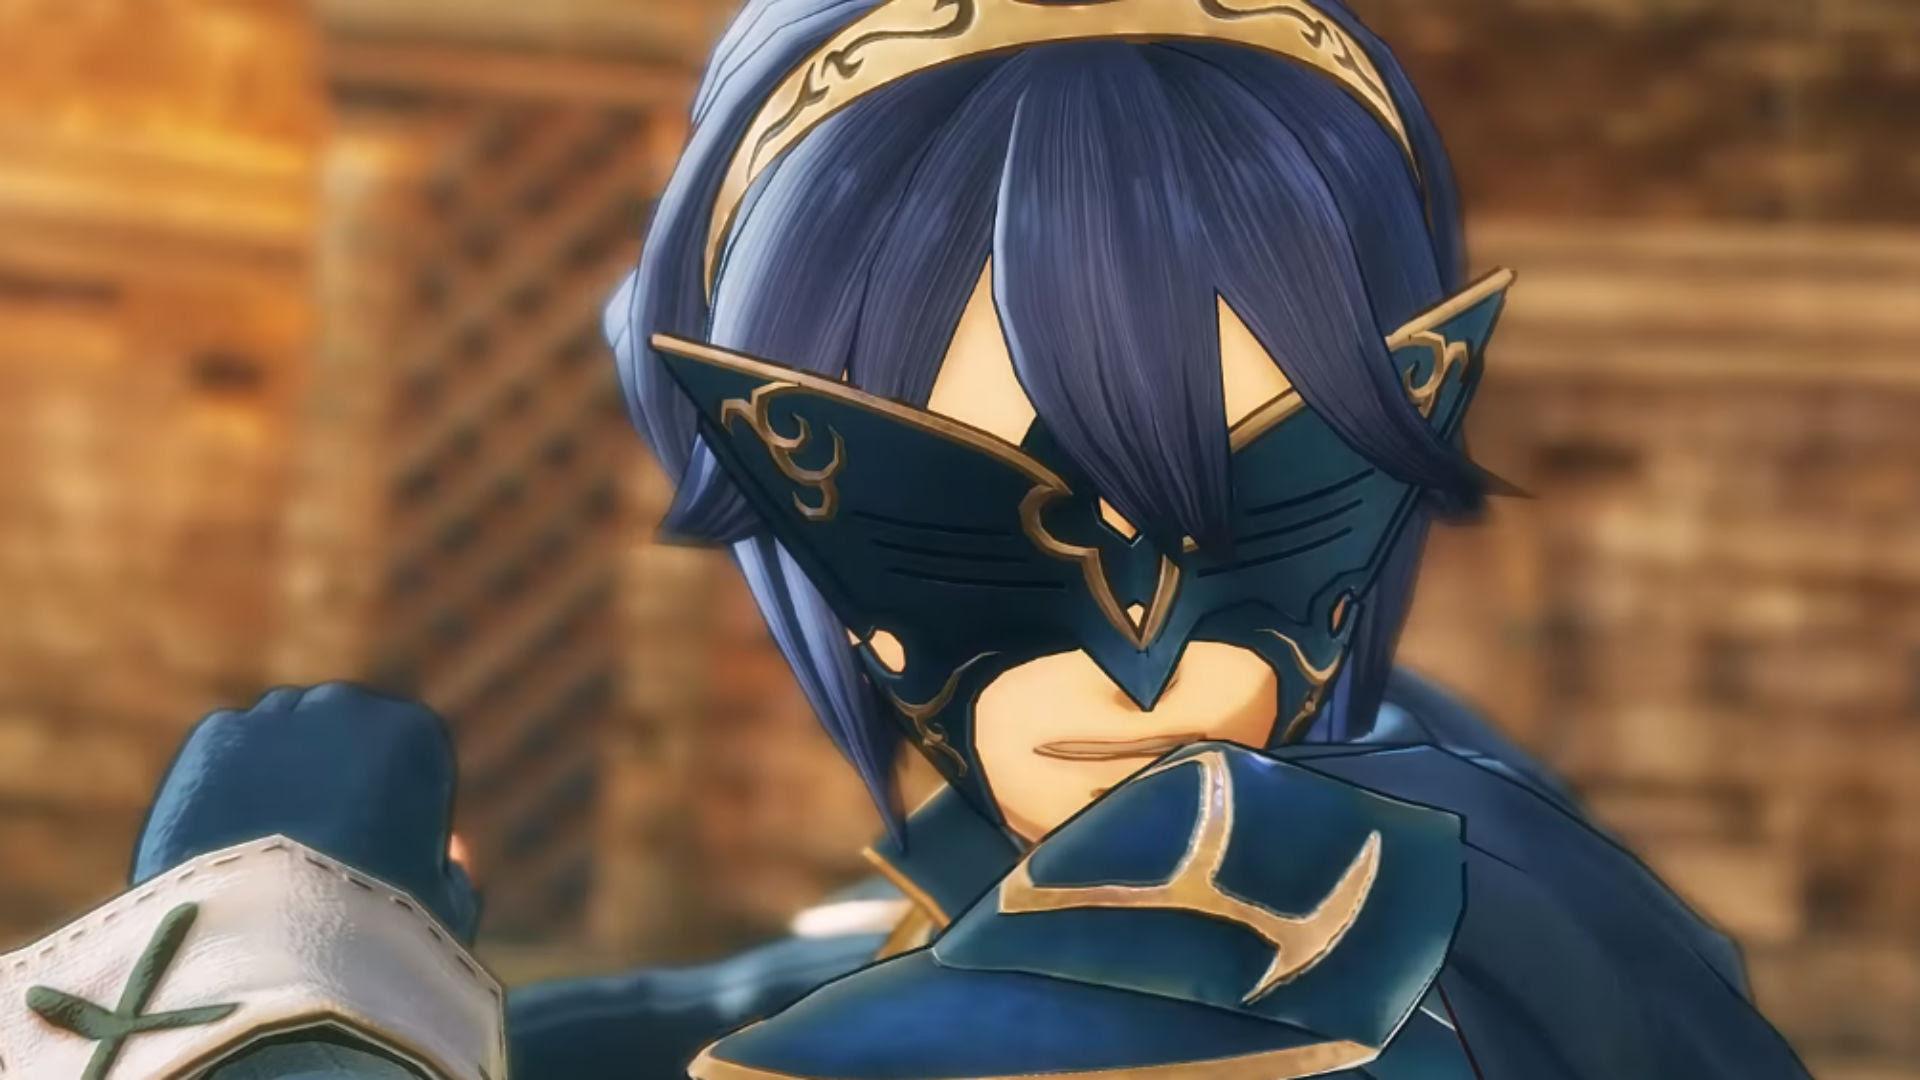 Fire Emblem Warriors adds male Robin, Lissa, and the best girl Lucina screenshot